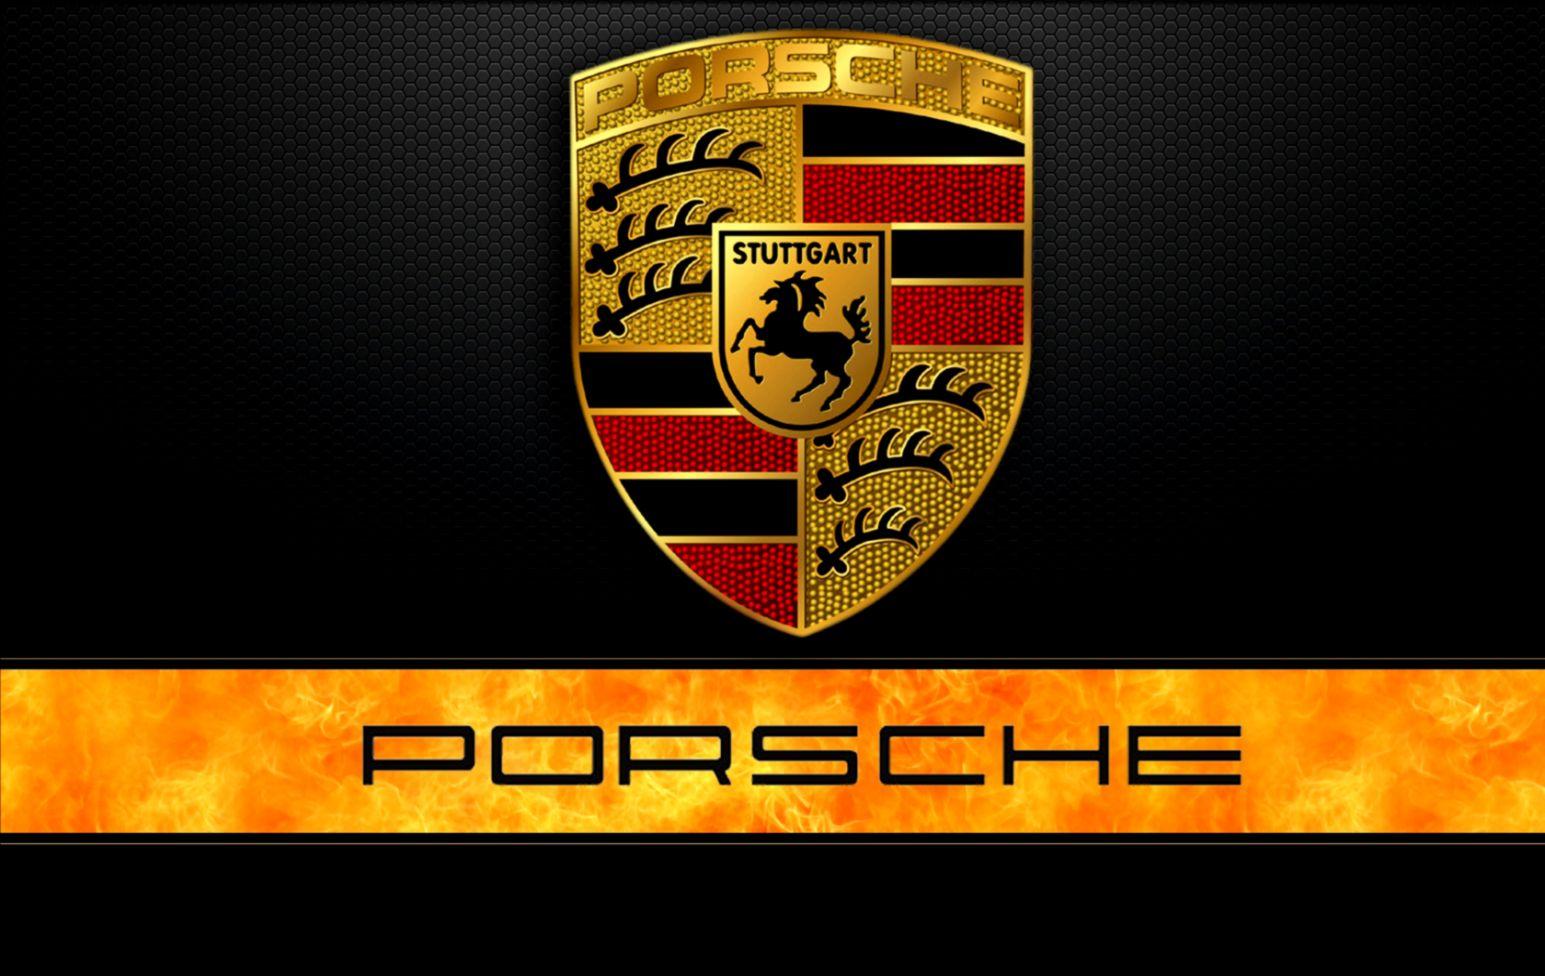 Porsche Logo Wallpapers Hd High Definitions Wallpapers 1545x976